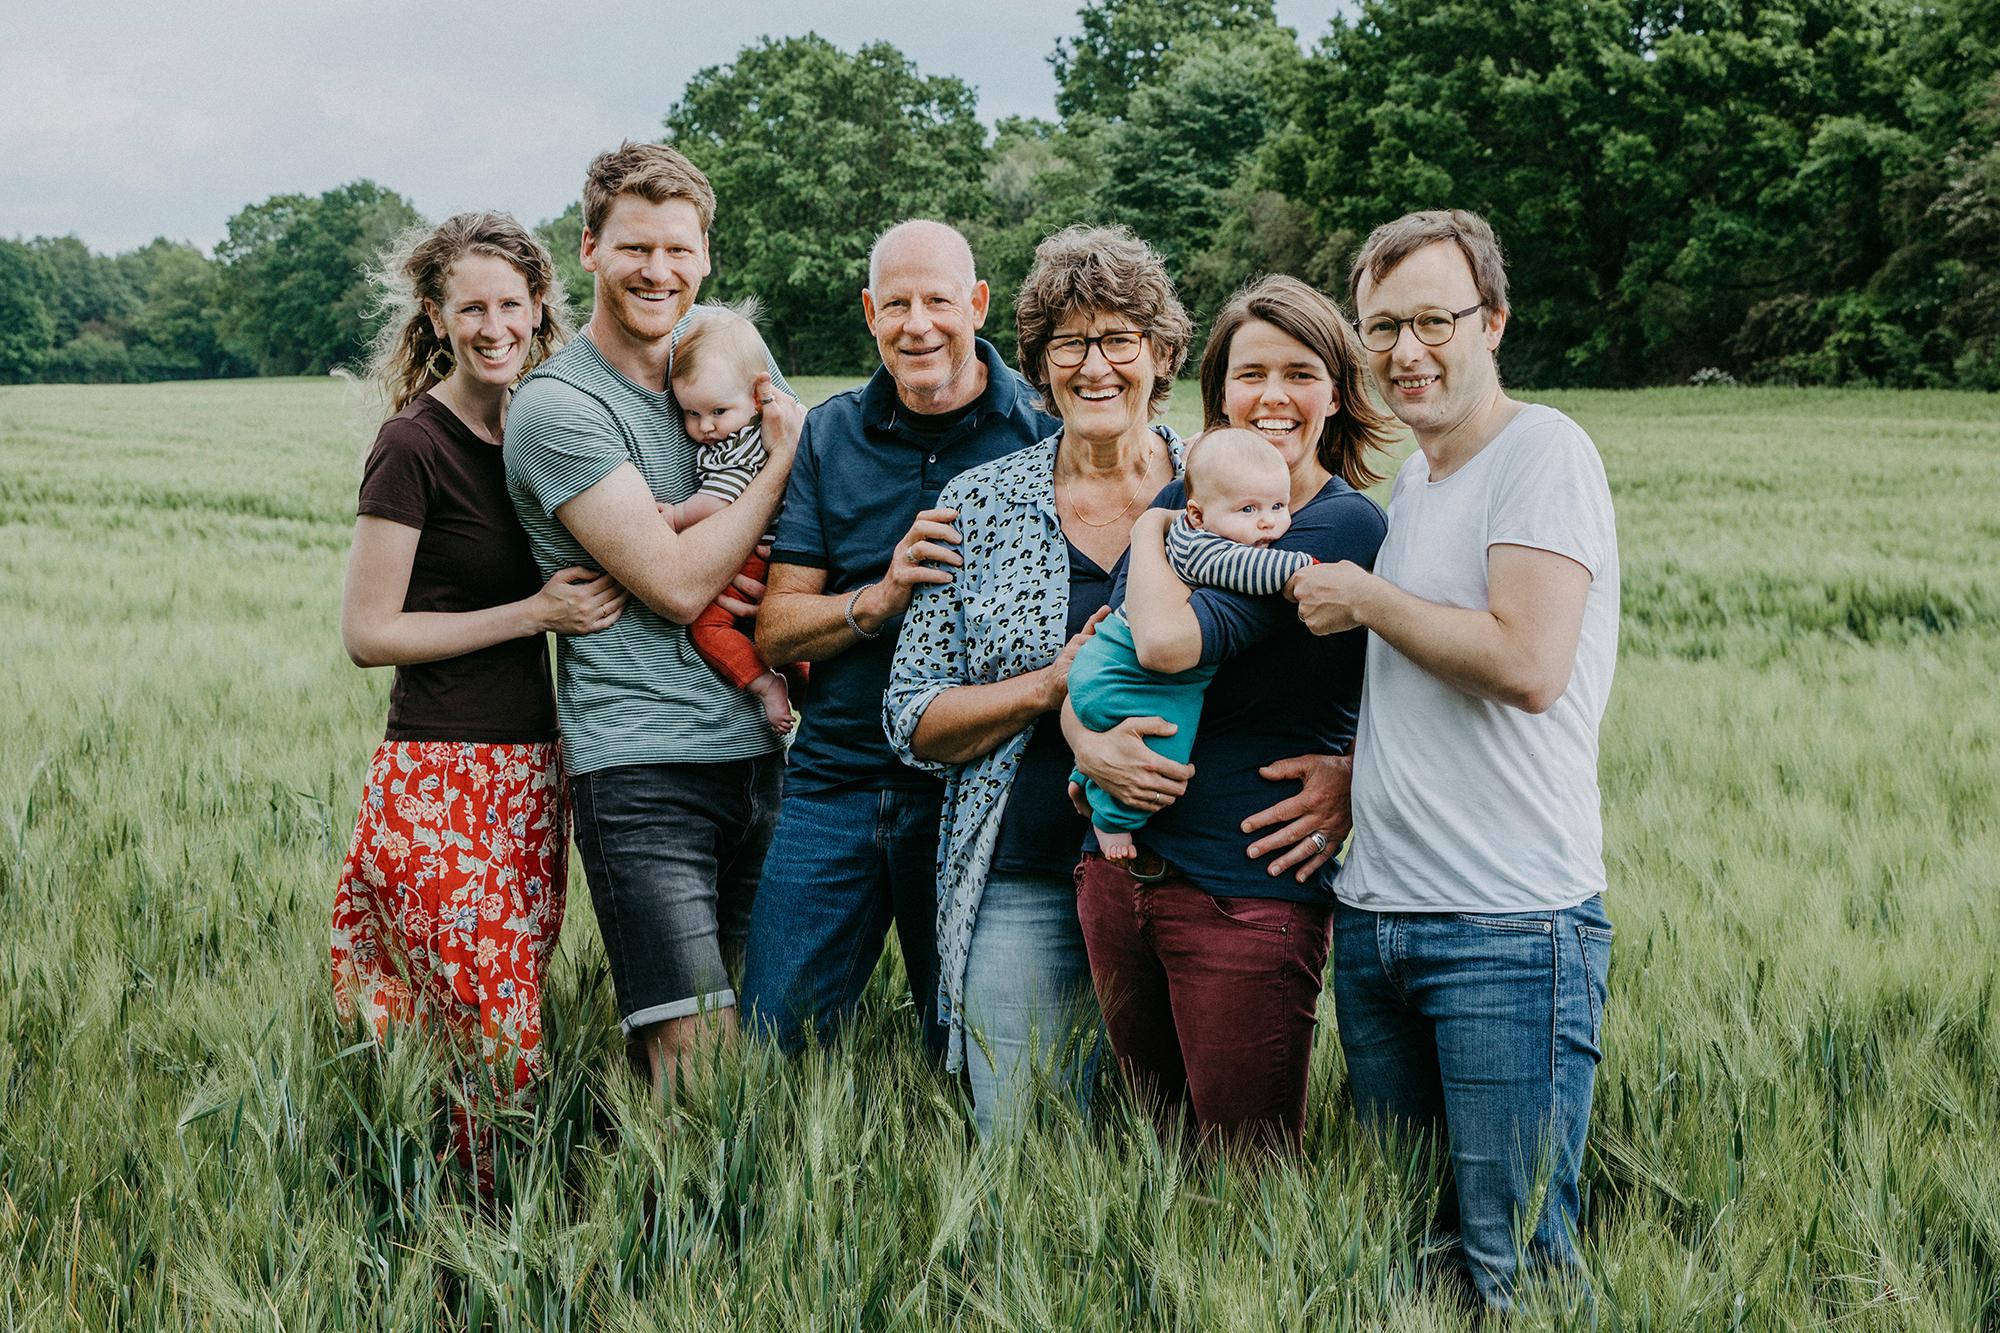 Familienfotos_Familienshooting_Schaalsee_G18